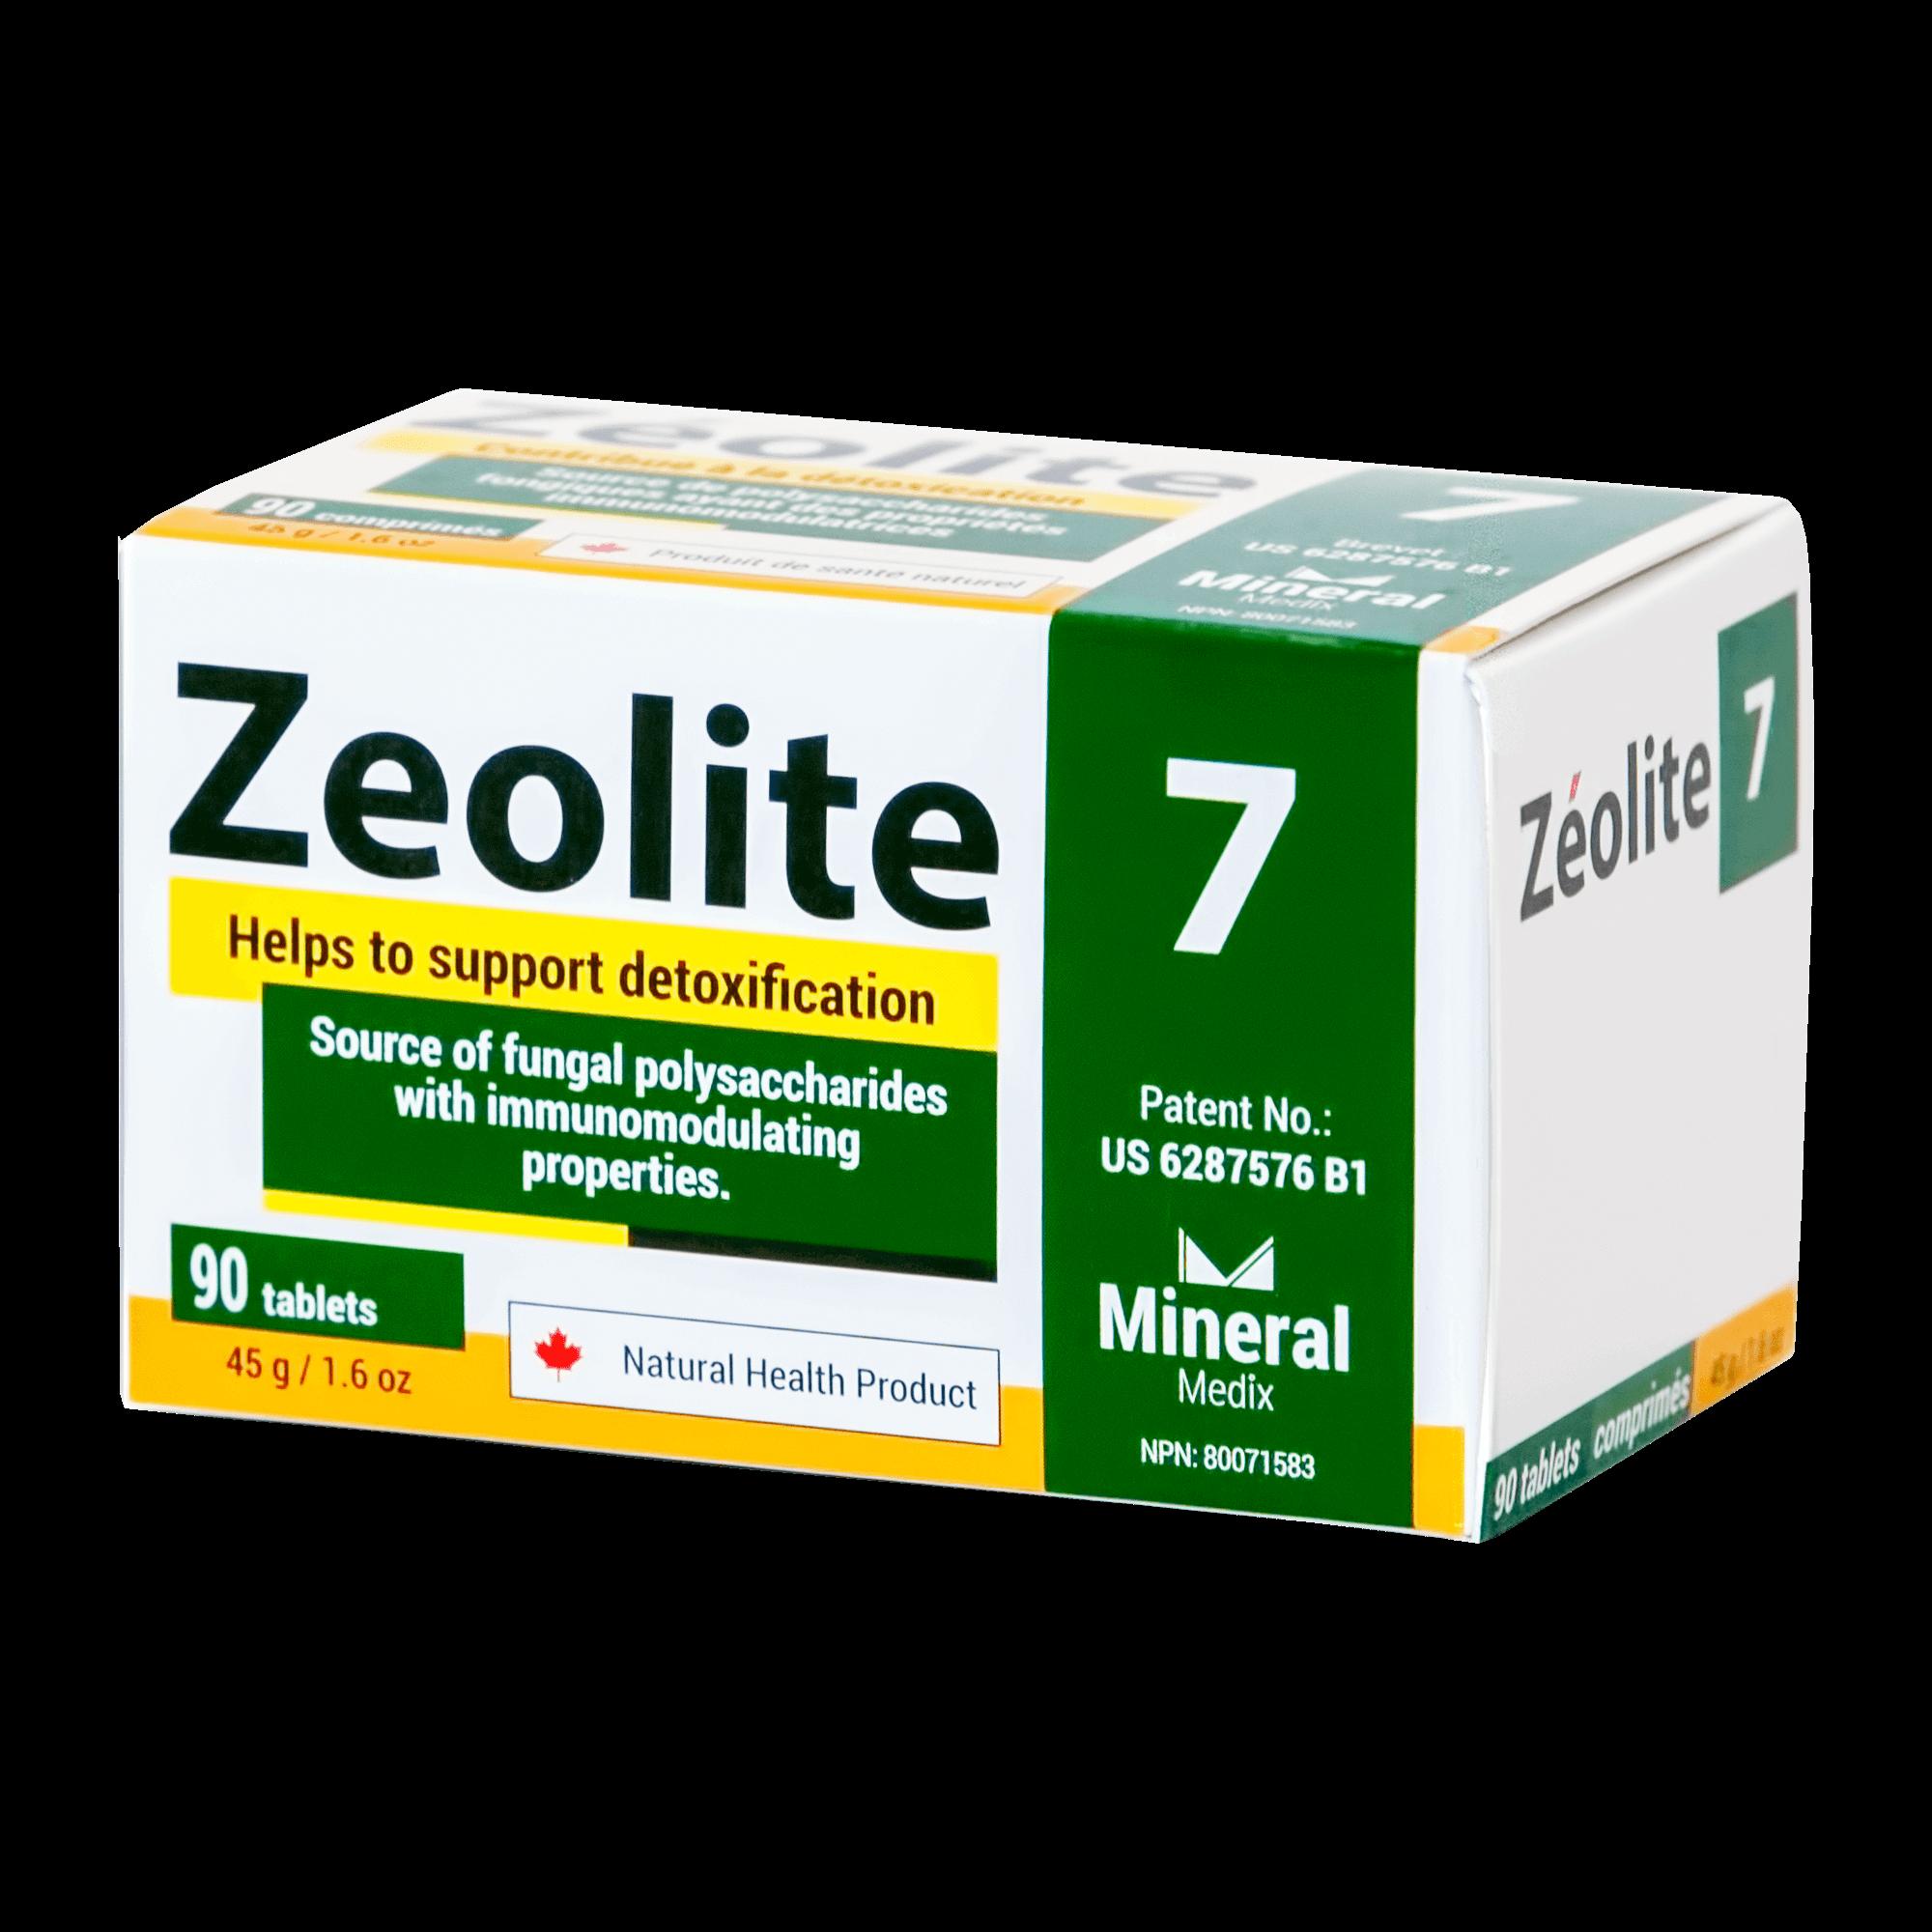 zeolite7